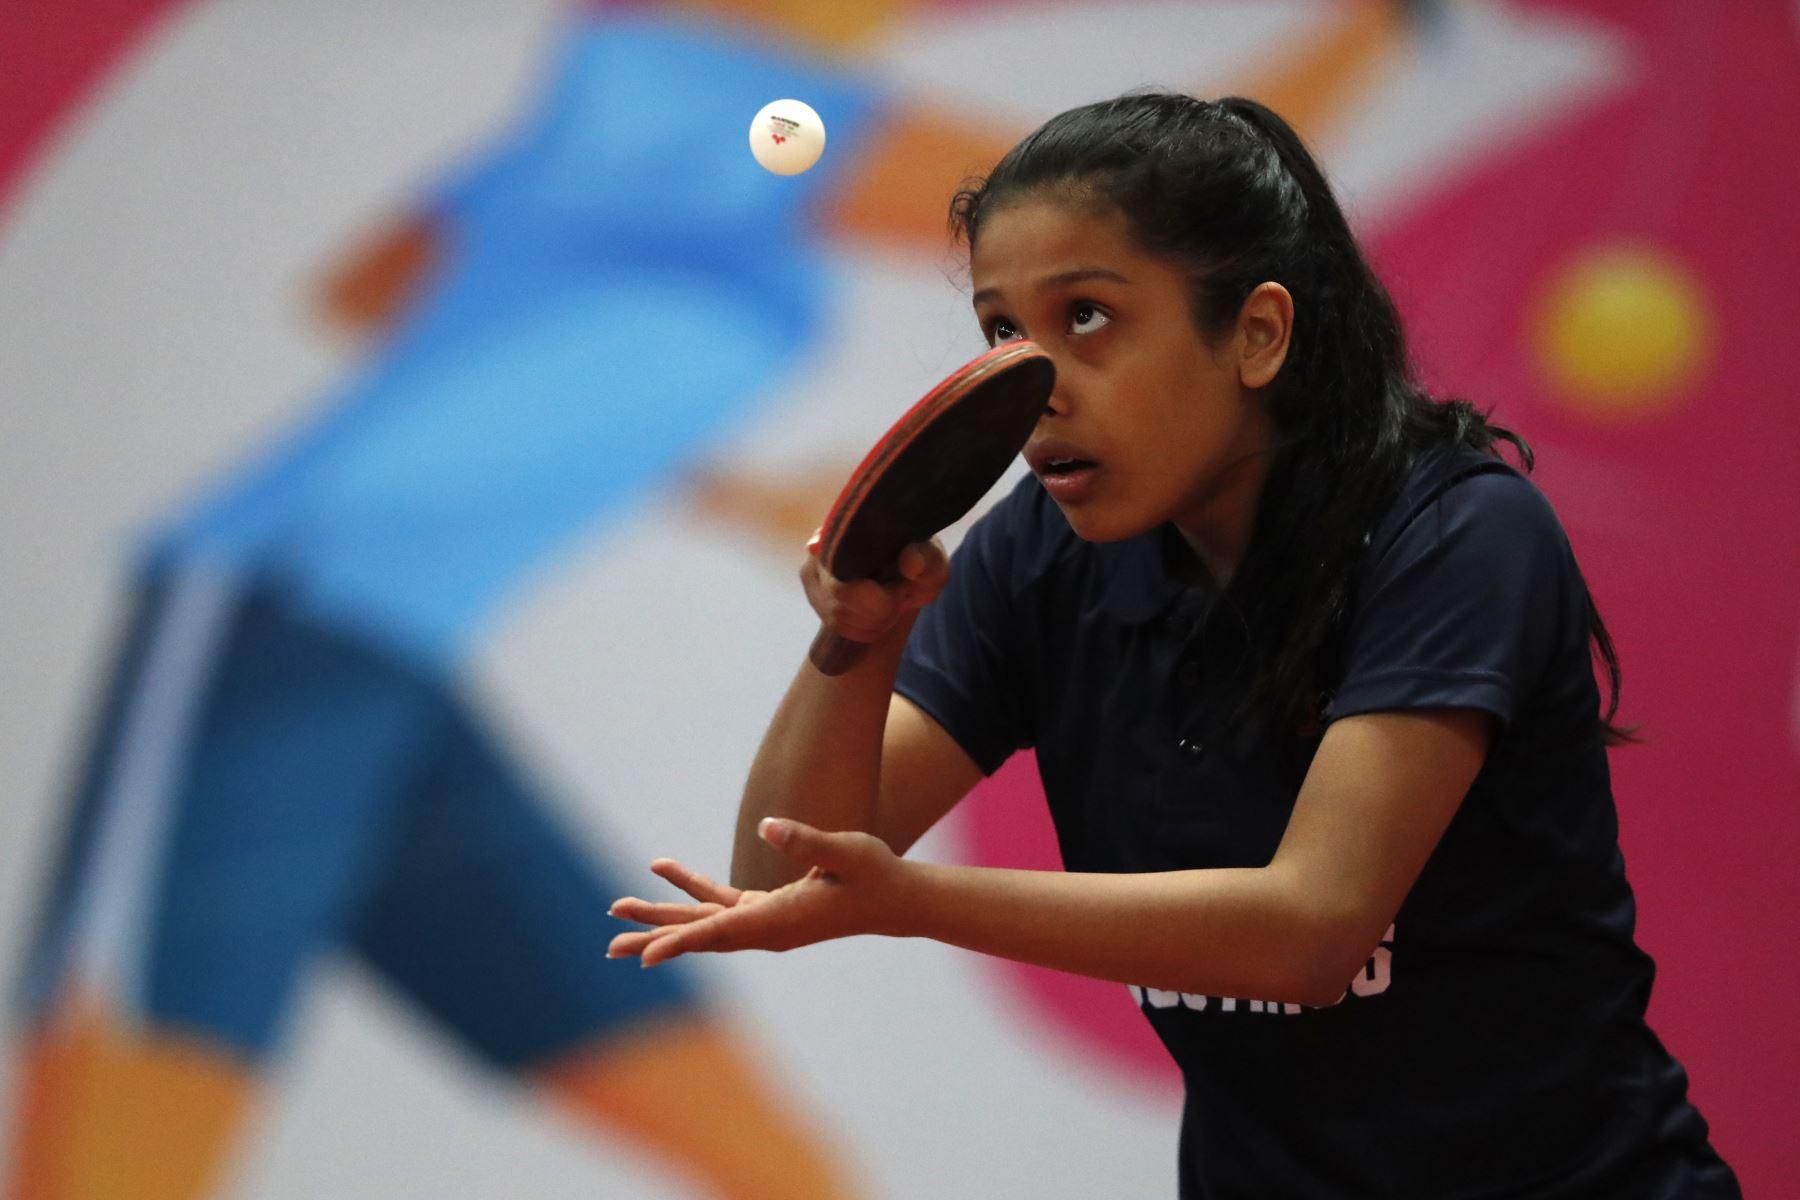 Fernanda Vizcarra Maldonado medalla de plata, durante la Final individual Damas Sub 17 Tenis de Mesa Categoría C por los Juegos Deportivos Escolares Nacionales en el Estadio Nacional. Foto: ANDINA/ Carlos Lezama